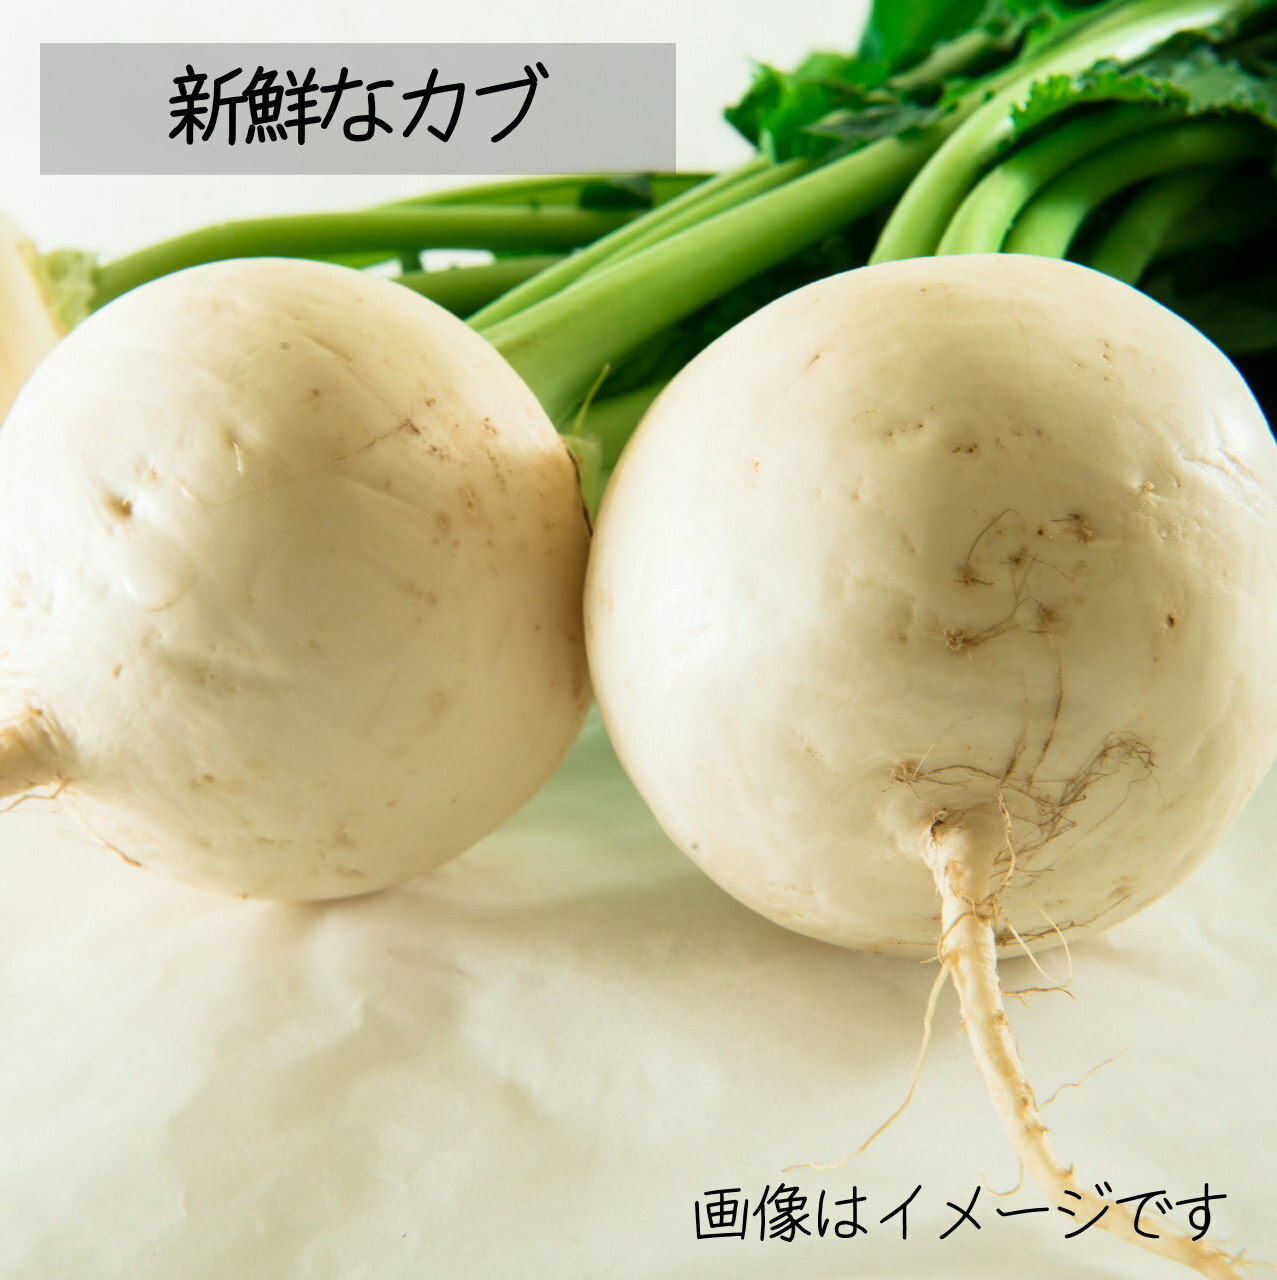 春の新鮮野菜 カブ 3~4個: 5月の朝採り直売野菜  5月30日発送予定